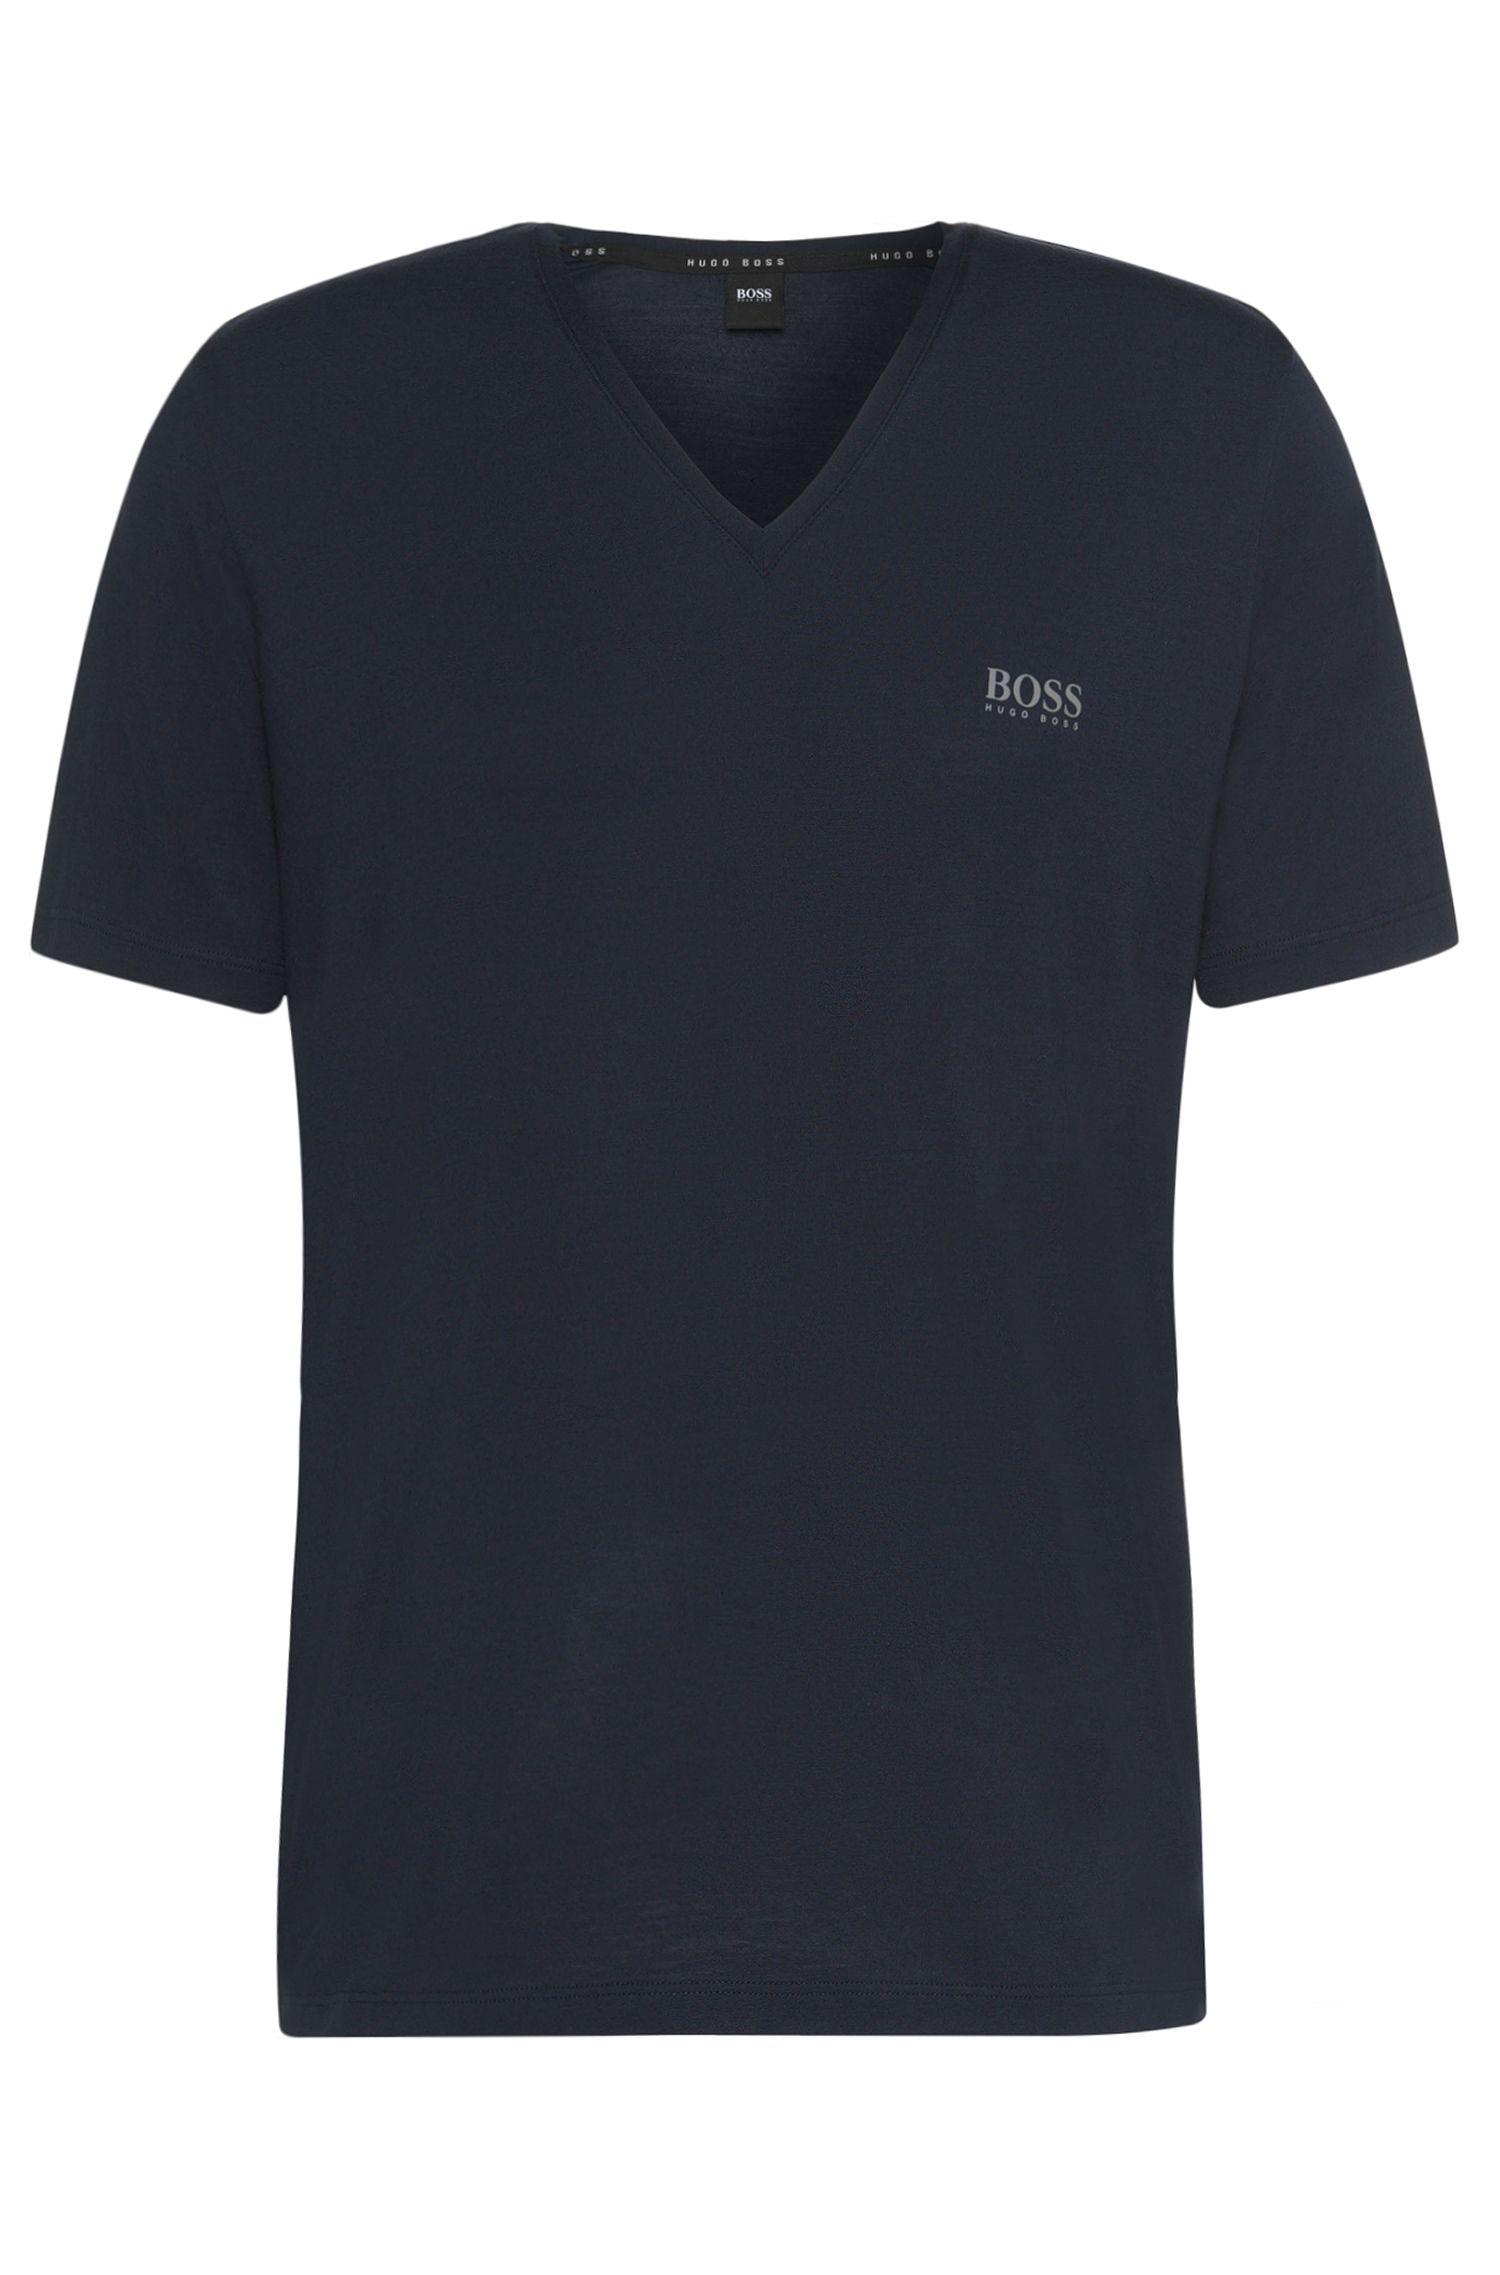 Regular-Fit T-Shirt aus Stretch-Modal: 'Shirt VN'